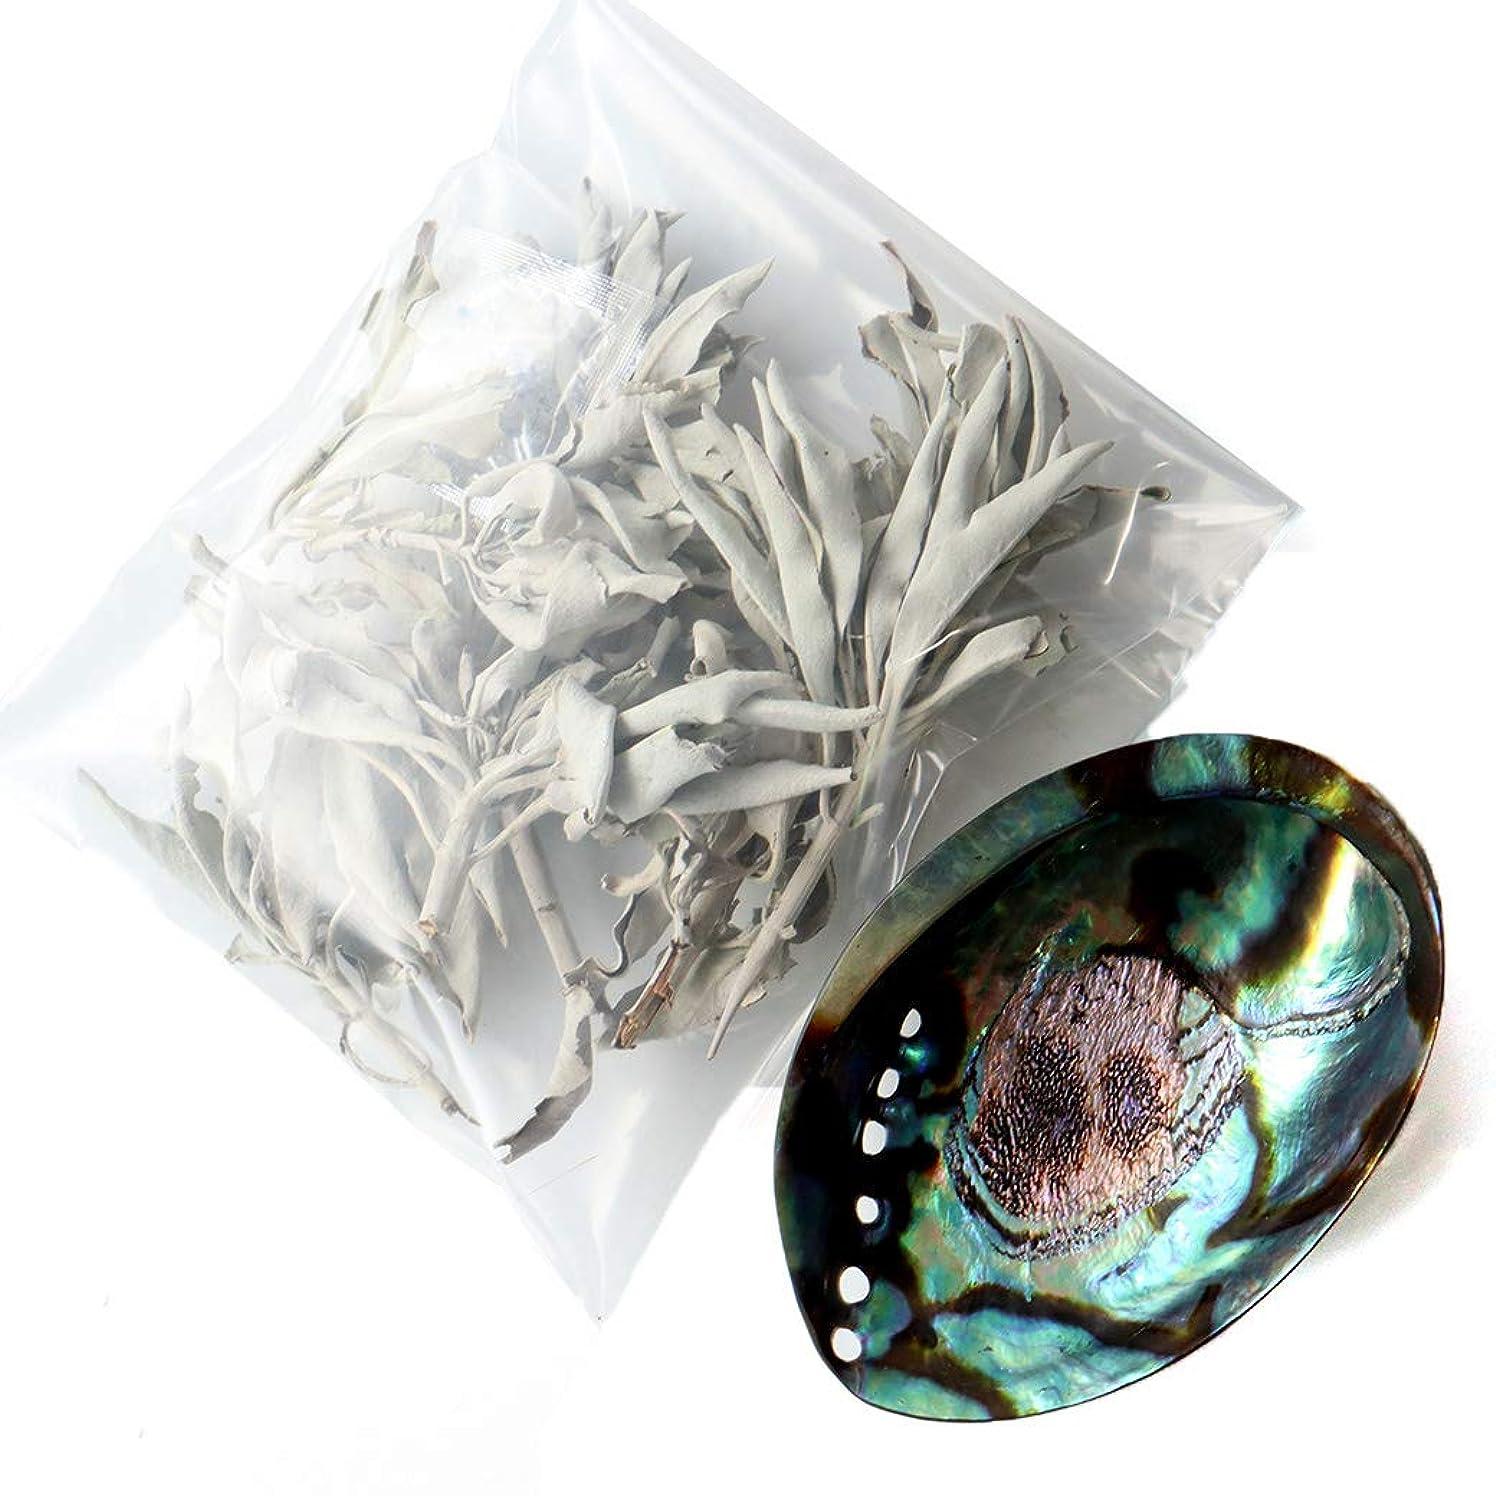 不十分な煙太いホワイトセージ 枝付き 30g前後 アバロンシェル 浄化皿 セット